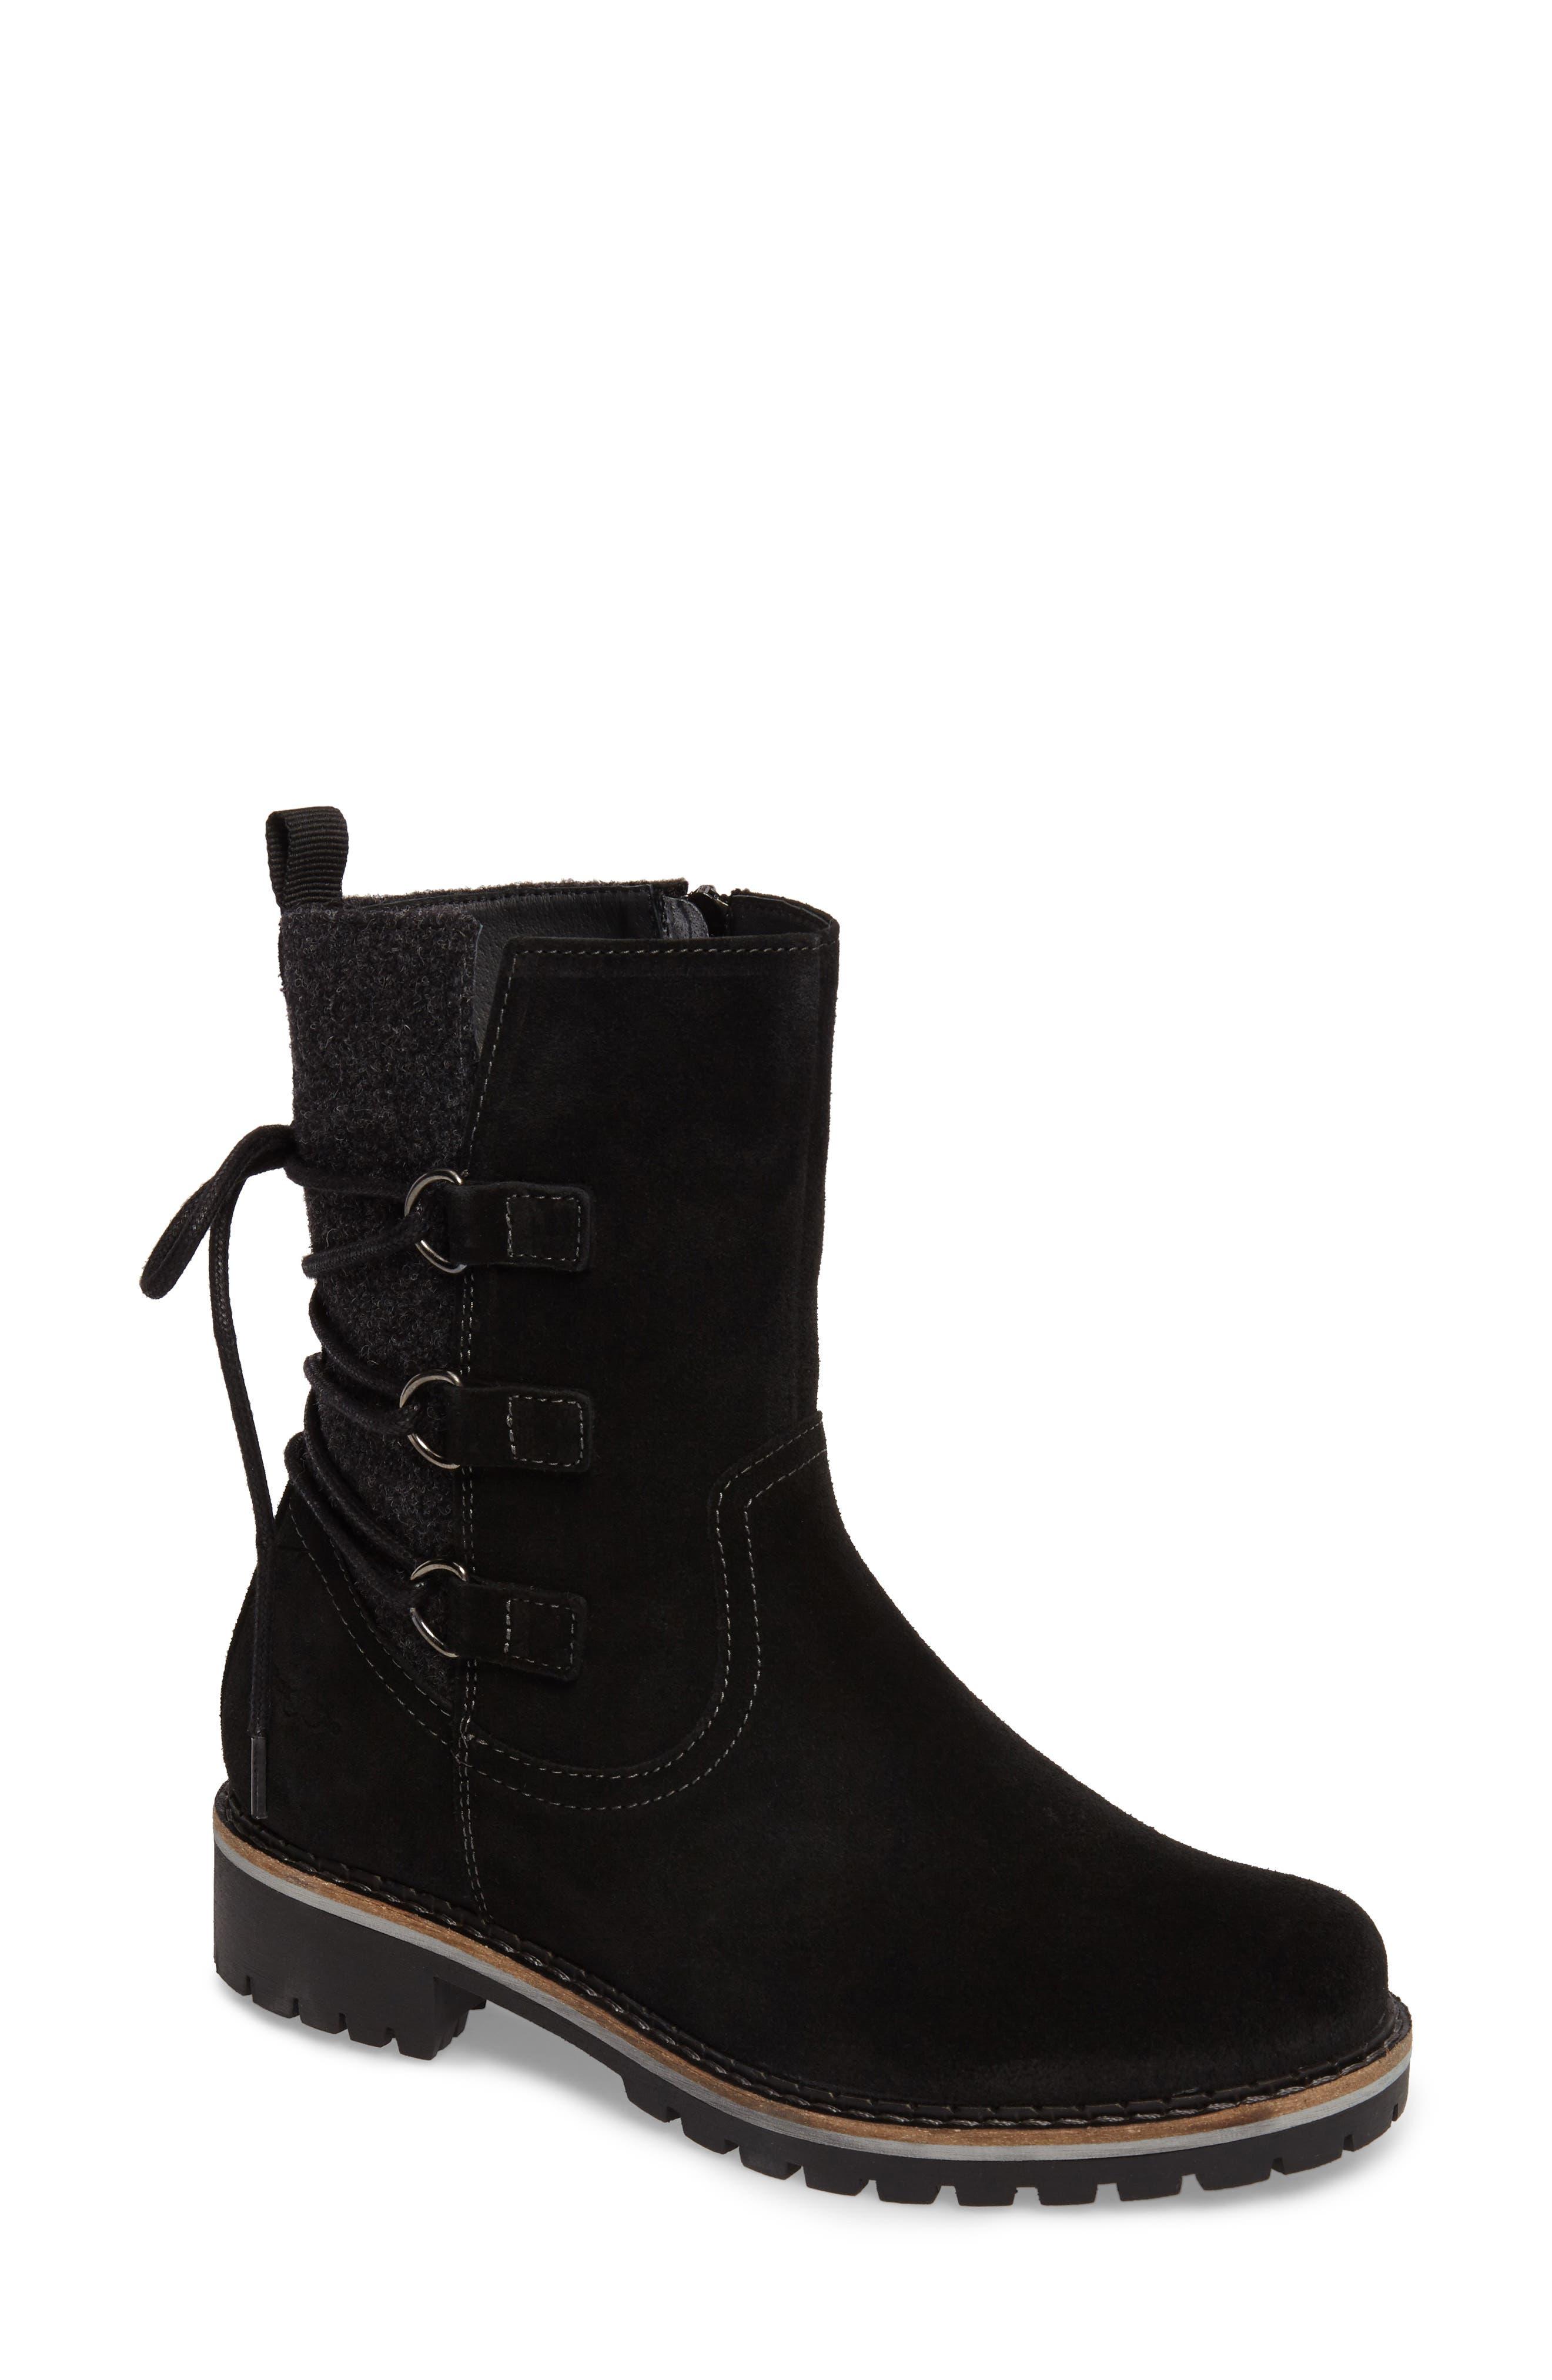 Cascade Waterproof Boot,                         Main,                         color, Black/ Grey Suede